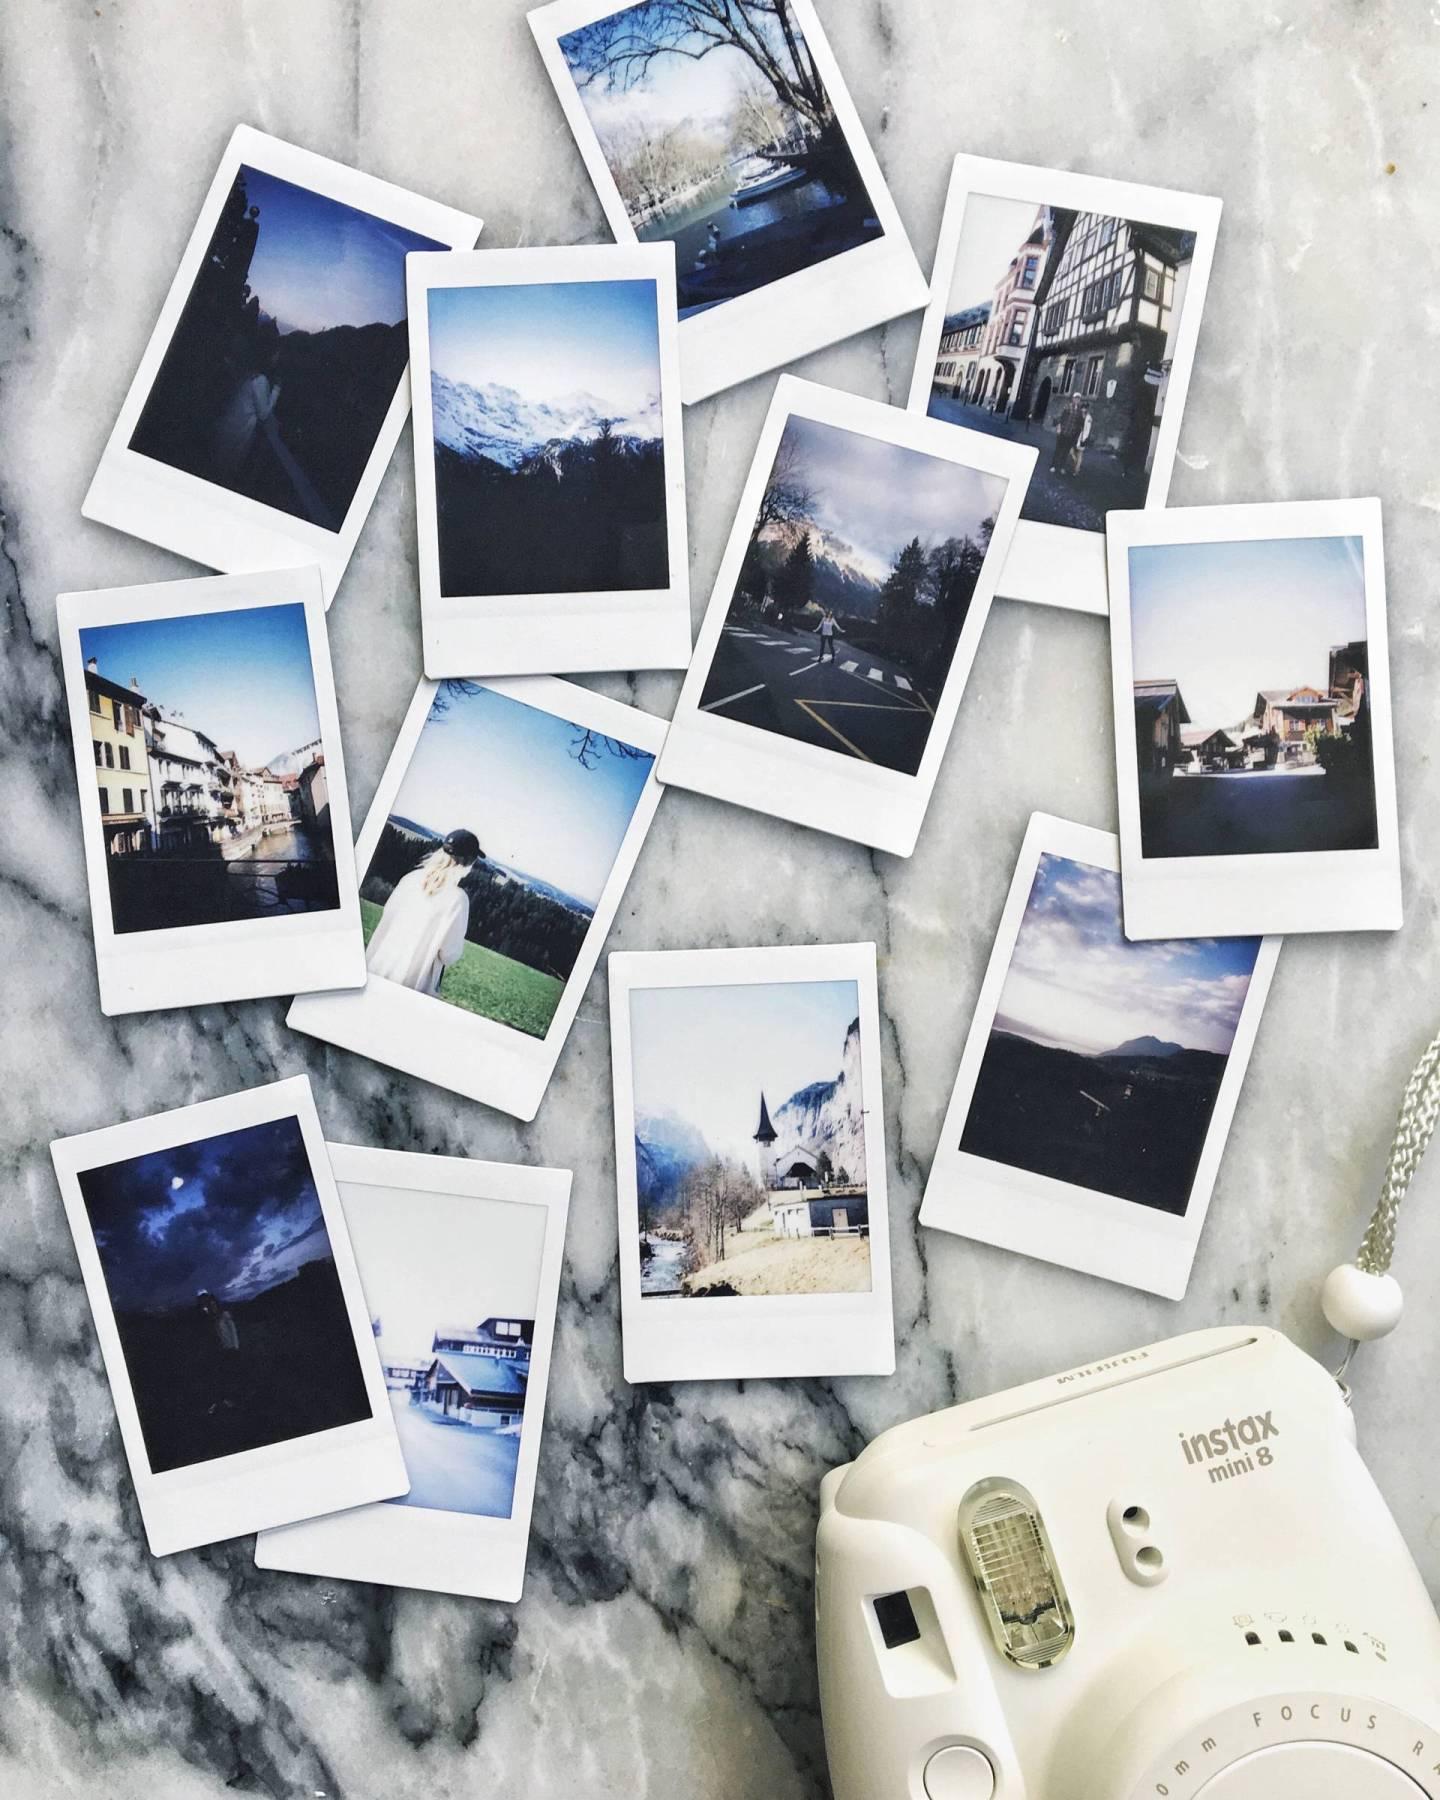 European Instax Photos